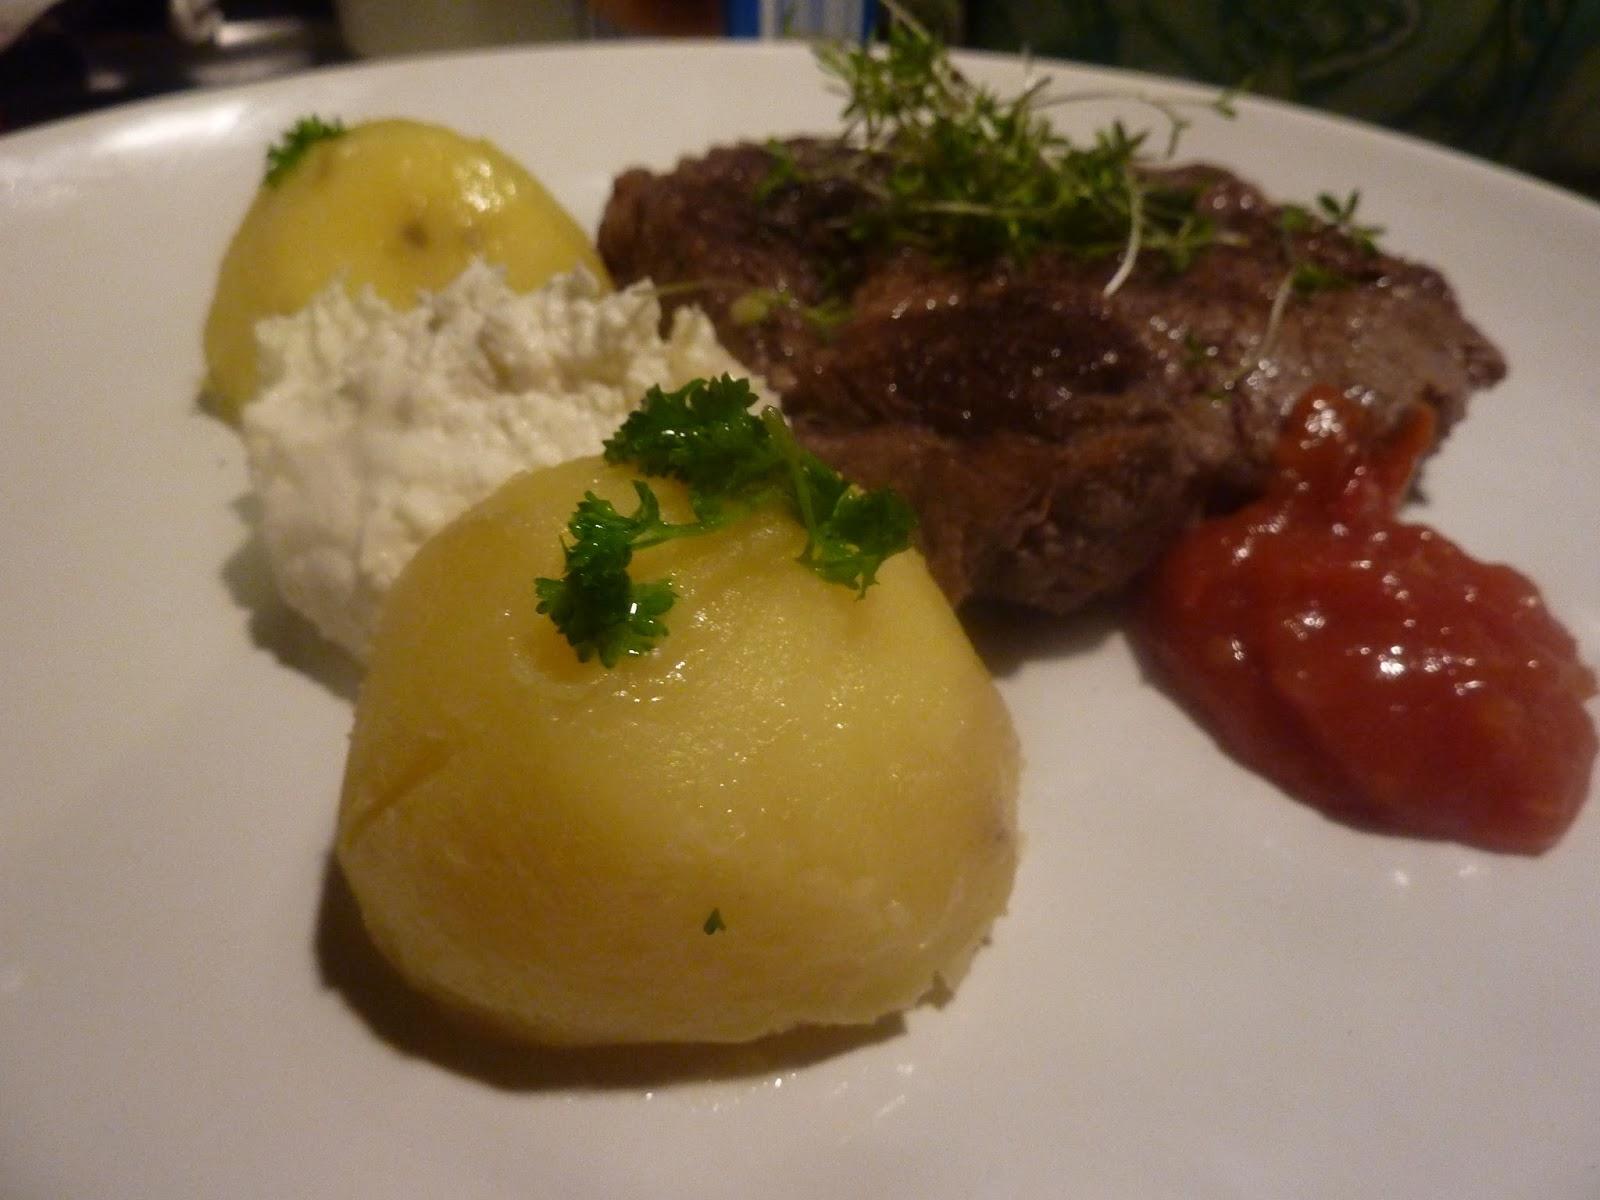 glatzkochs welt: entrecôte - fleisch kann so toll sein!